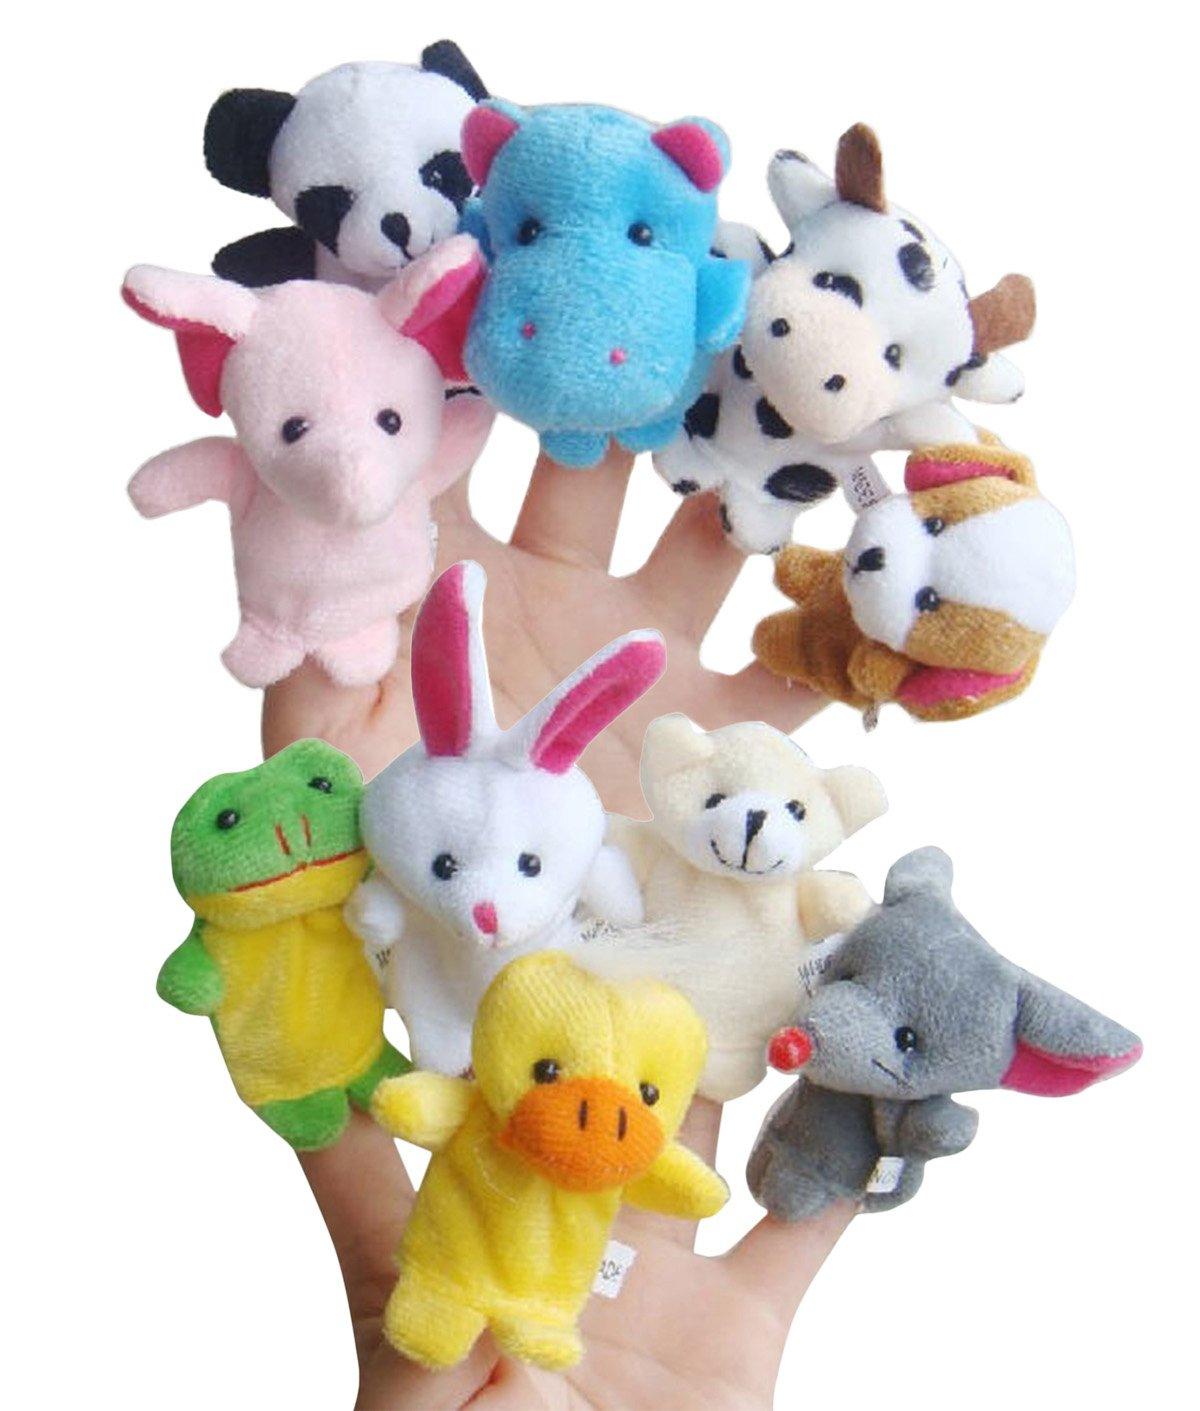 HAPPY CHERRY Gechichte Fingerpuppen Set Niedlich Cartoon Tierstyle Rollenspiele Handpuppe Plüsch Spielzeug für Kinder Frühre Bildung (10 Kasperletheater) Cartoons & Comics